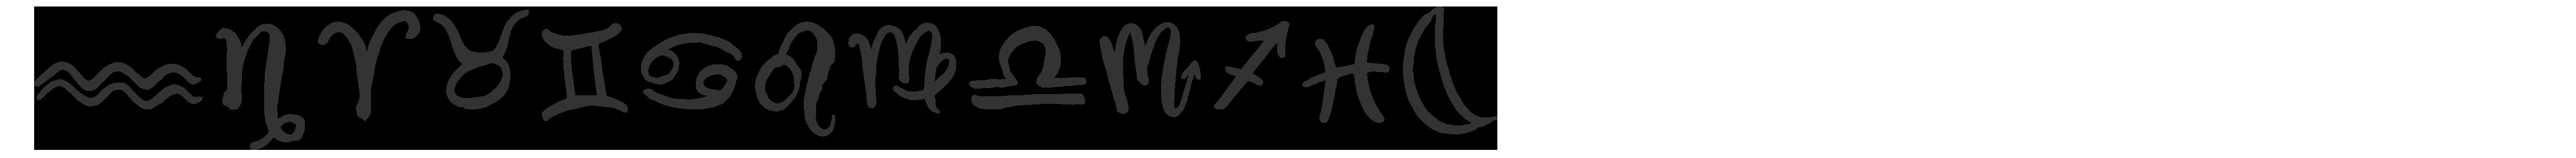 Epicursive Astrological Symbols